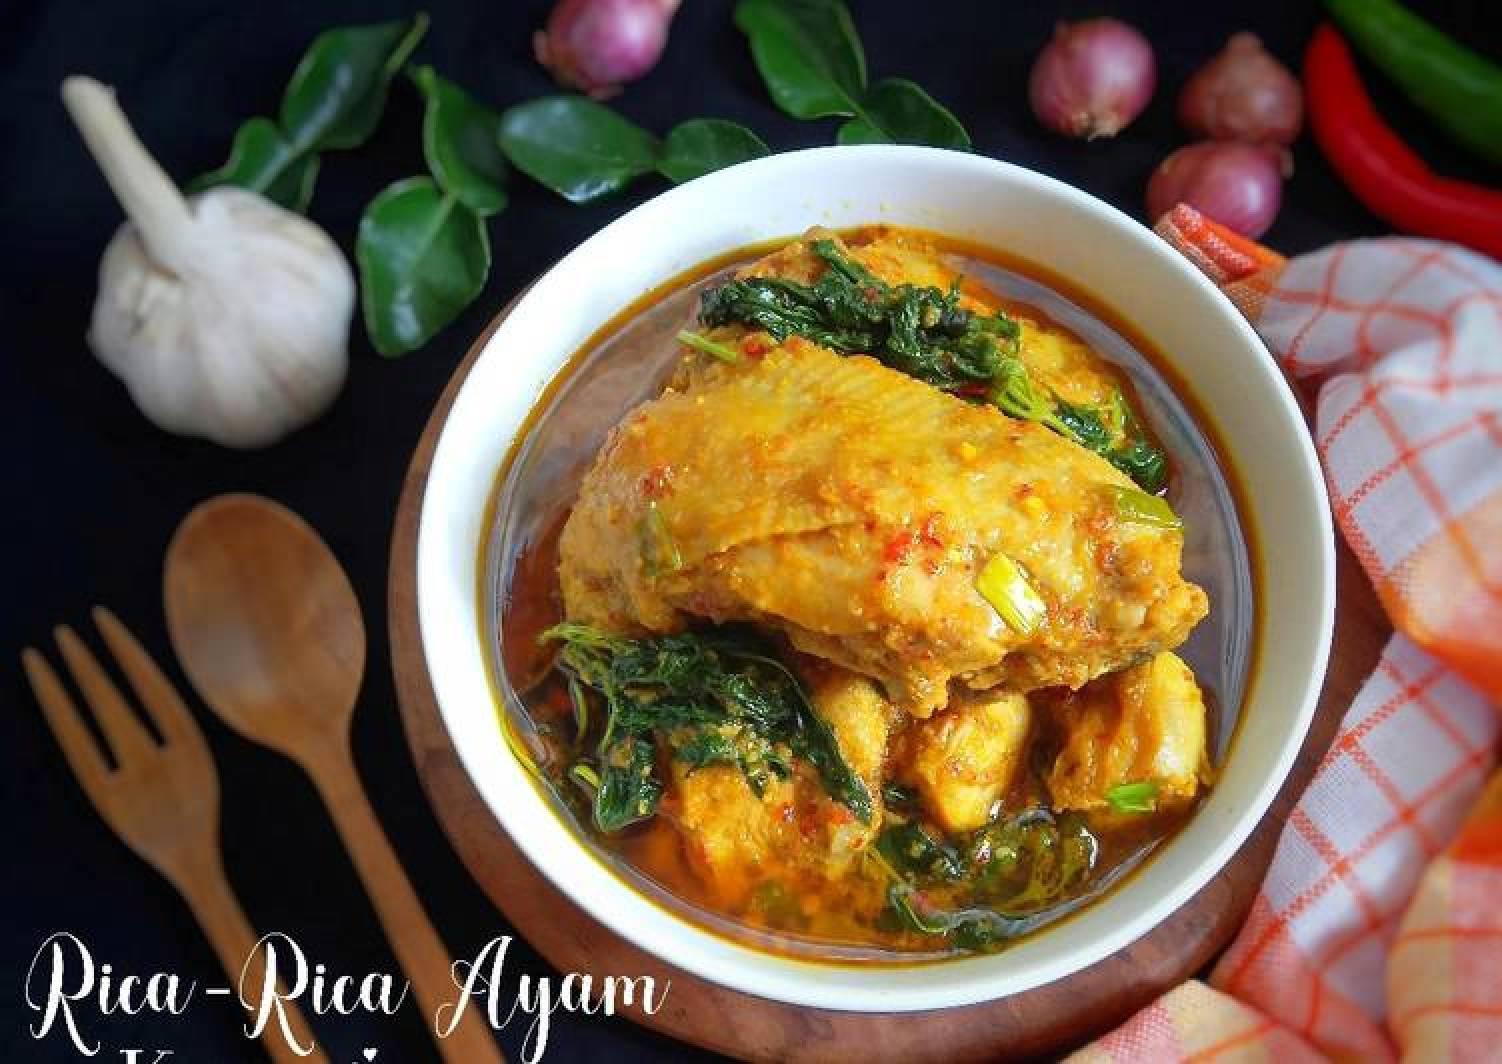 Resep Rica Rica Ayam Kemangi Yang Bisa Manjain Lidah Resep Terbaik